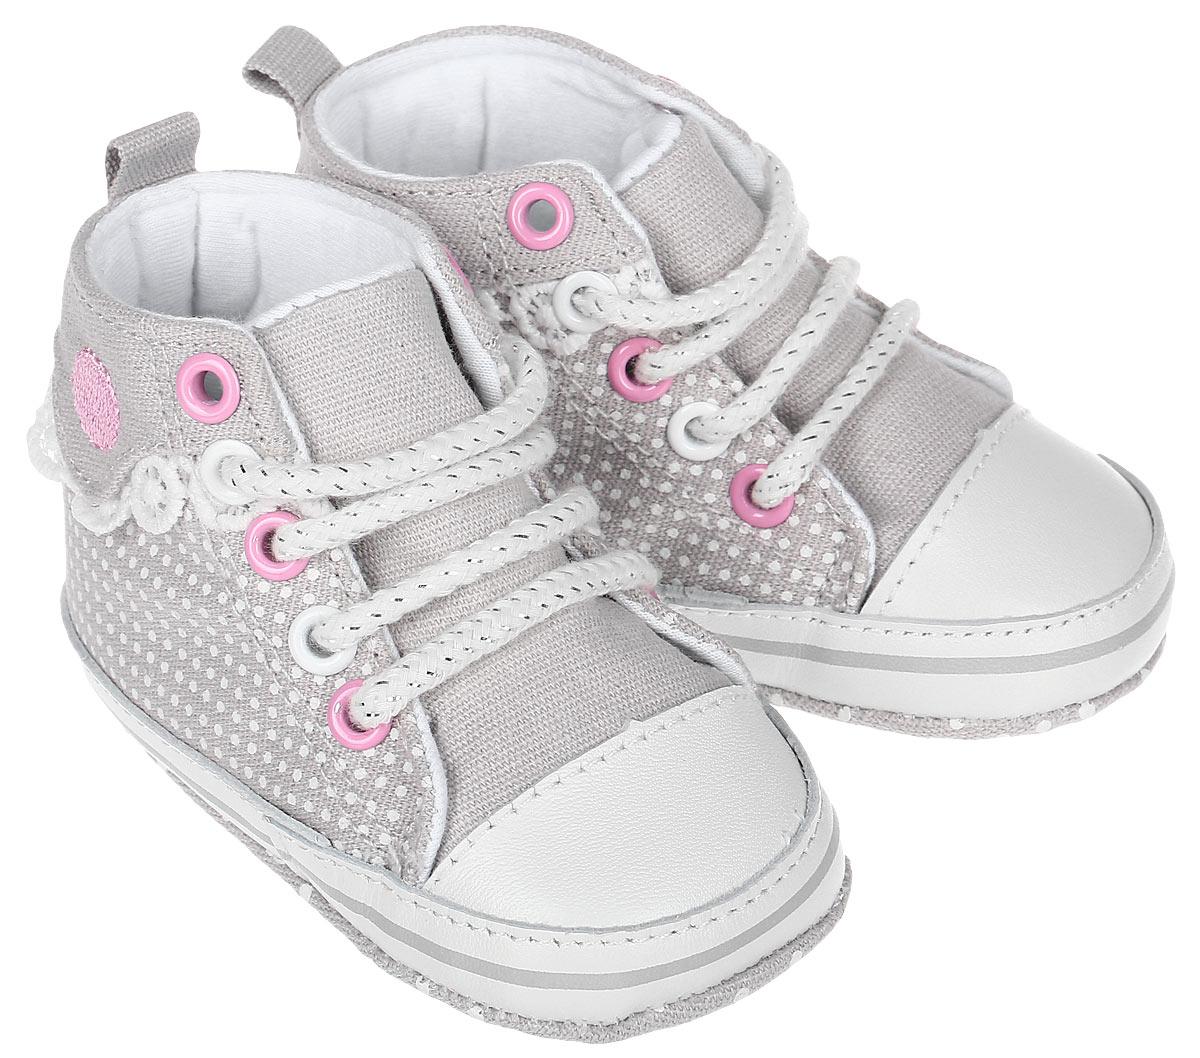 Пинетки для девочки Kapika, цвет: светло-серый, белый, розовый. 10120. Размер 1810120Стильные и модные пинетки для девочки Kapika великолепно дополнят наряд маленькой модницы. В них ваша малышка будет чувствовать себякомфортно и непринужденно. Пинетки выполнены из хлопка, оформленного принтом, с элементами из натуральной кожи. Модель на шнуровке,дополнена застежкой-липучкой, что надежно фиксирует пинетки на ножке ребенка и позволяет регулировать их объем. Пинетки декорированы кружевными оборками. Милые, нежные и удобные детские пинетки станут любимой обувью маленькой принцессы.